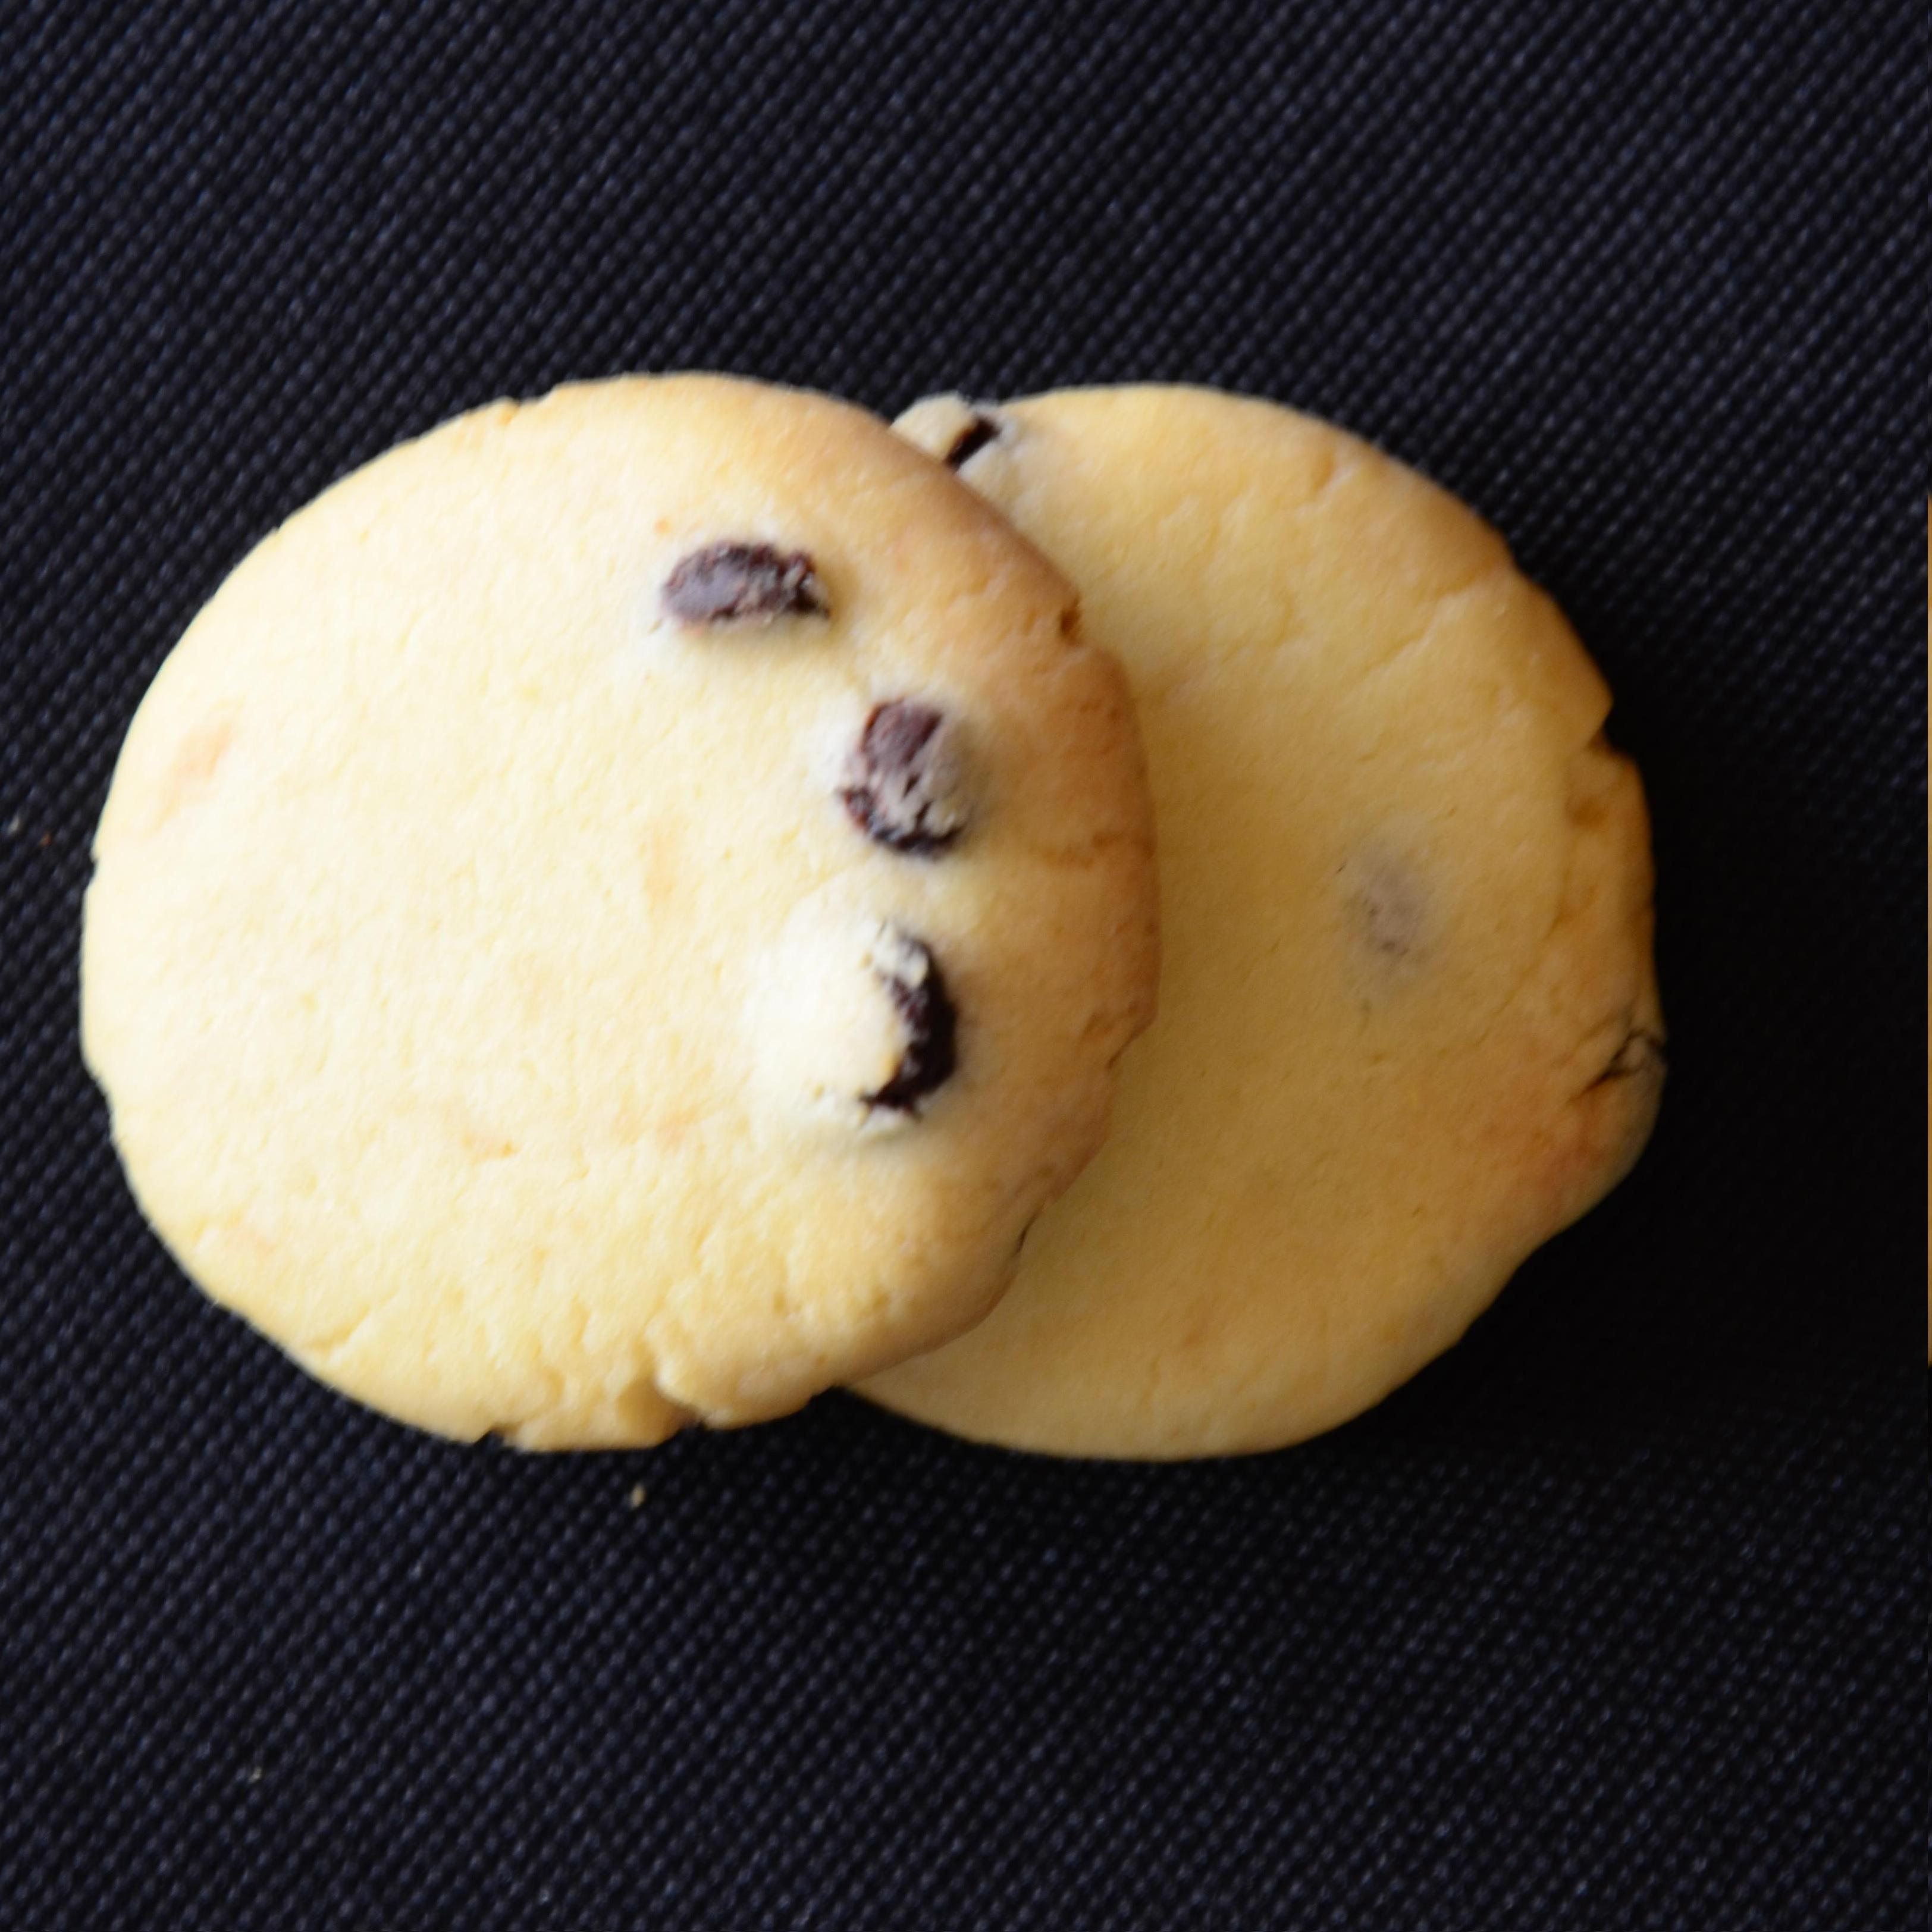 【吉利達手作烘培】黑眼豆豆 手工餅乾禮盒 (10入裝)